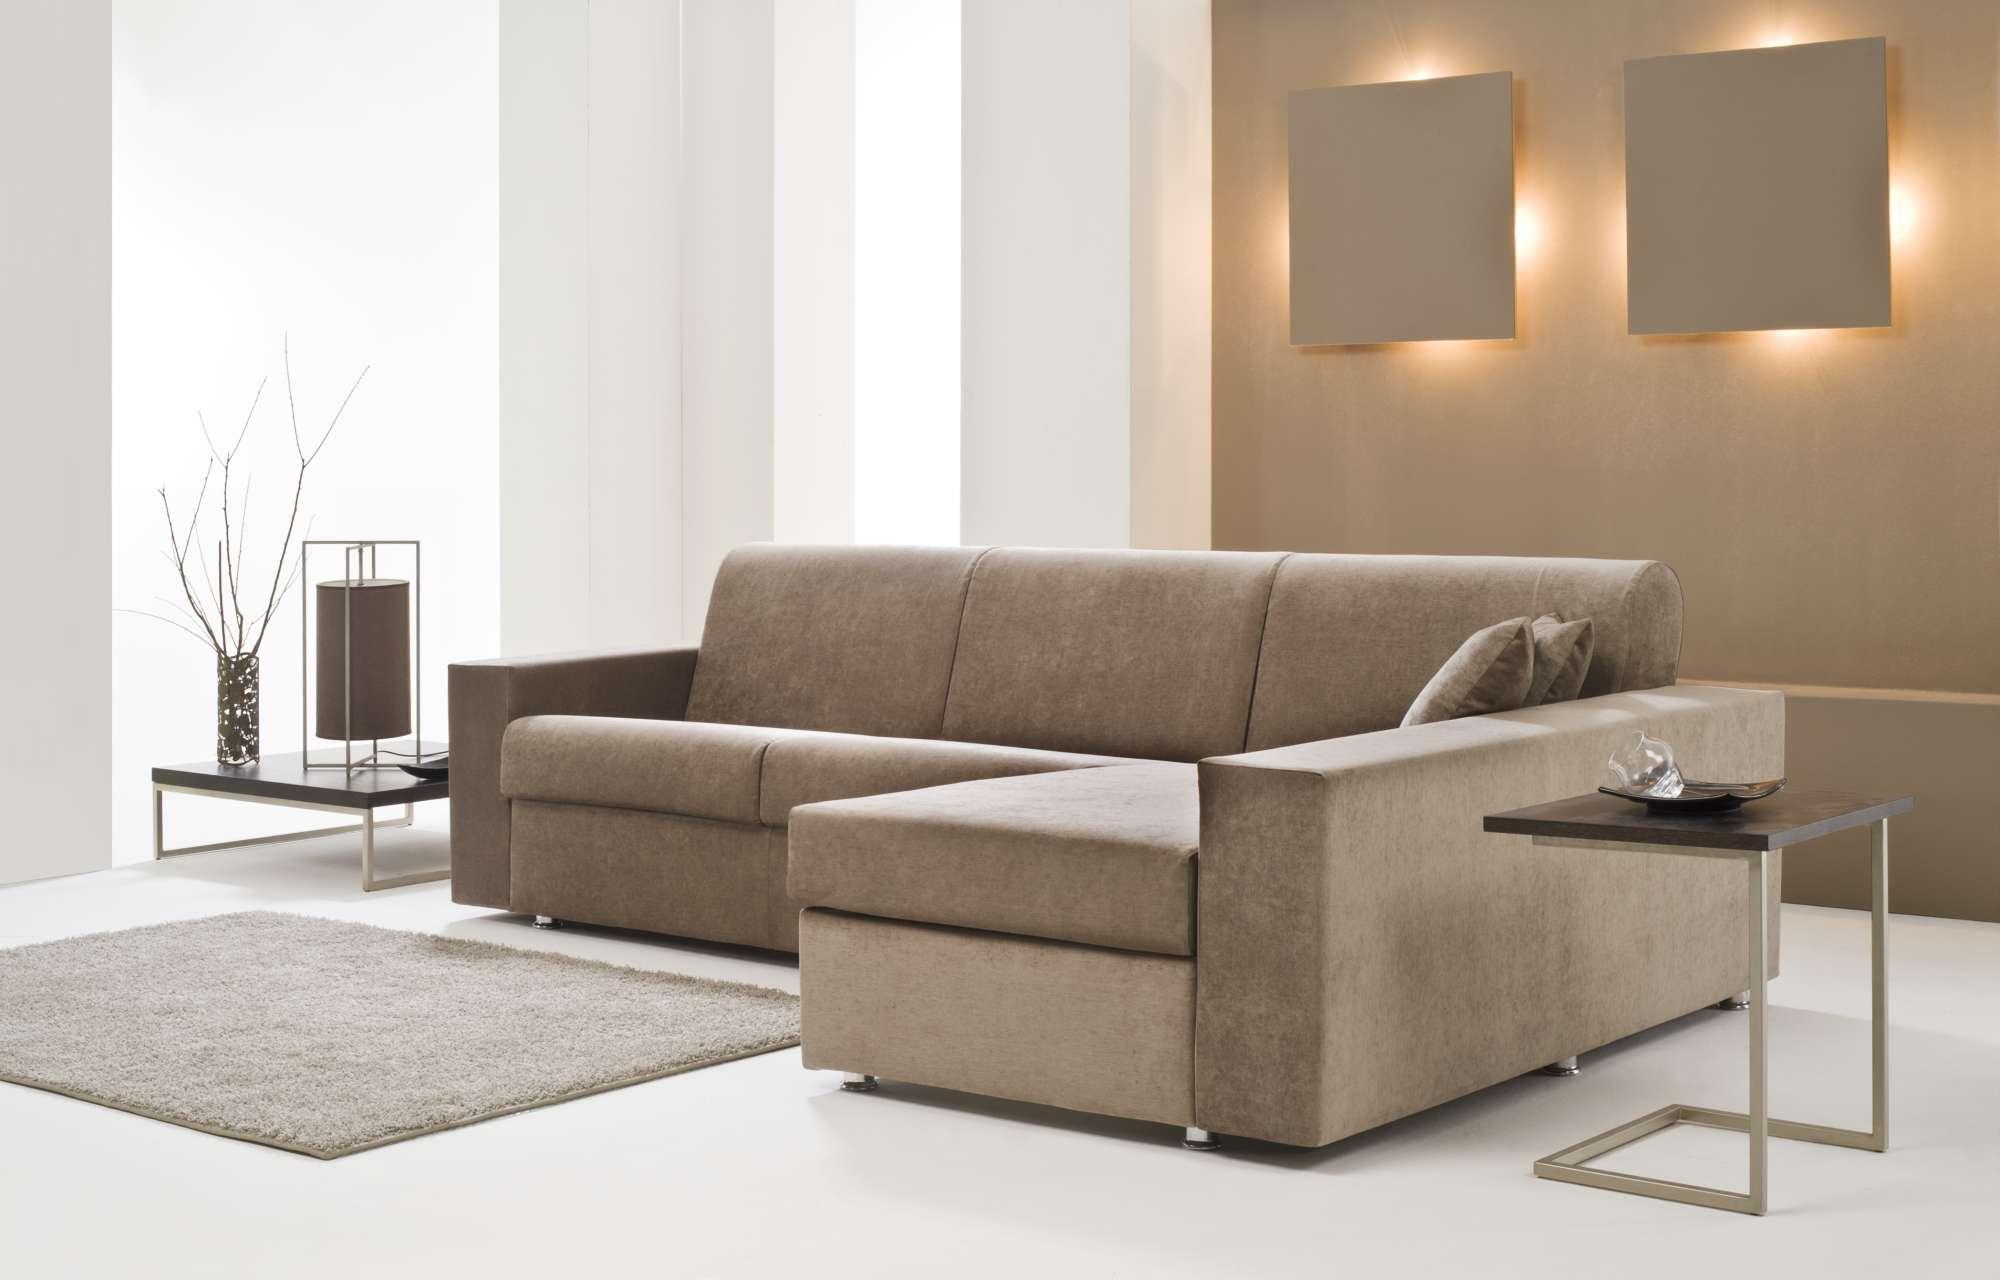 Dream divani letto con chaise longue collezione moderni - Divani stretti e lunghi ...